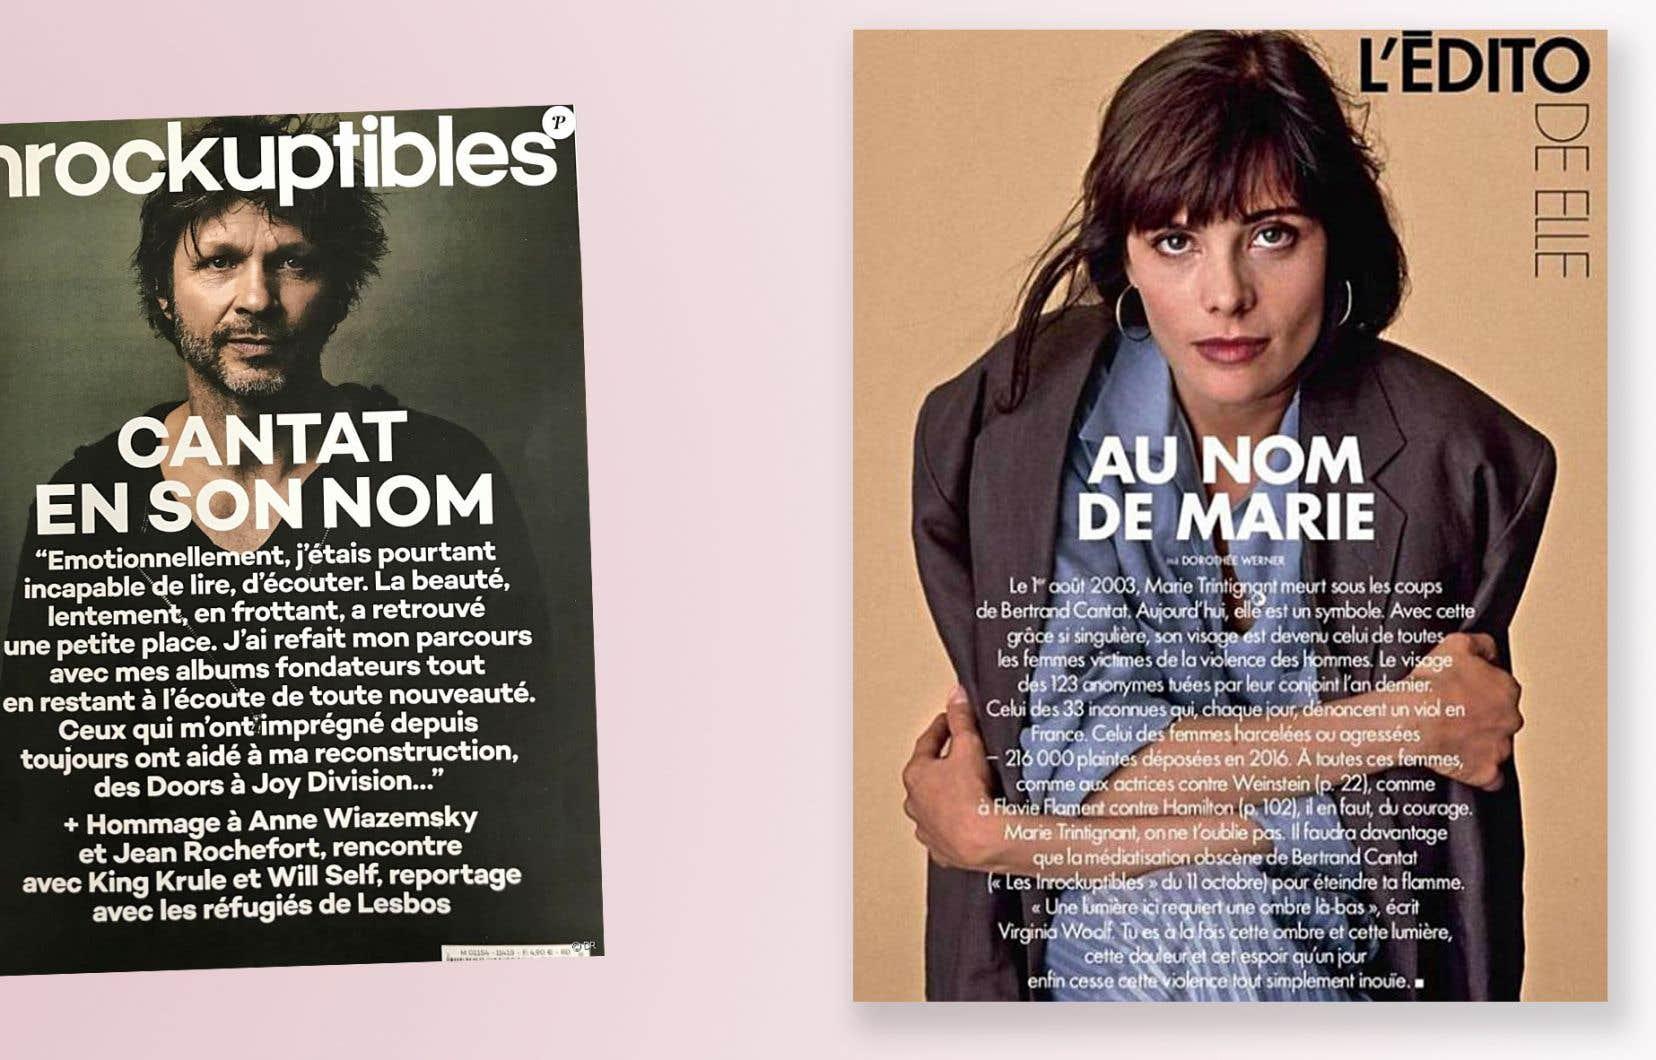 La couverture du magazine «Les Inrockuptibles» qui a déclenché les débats. Et la réplique du «Elle».